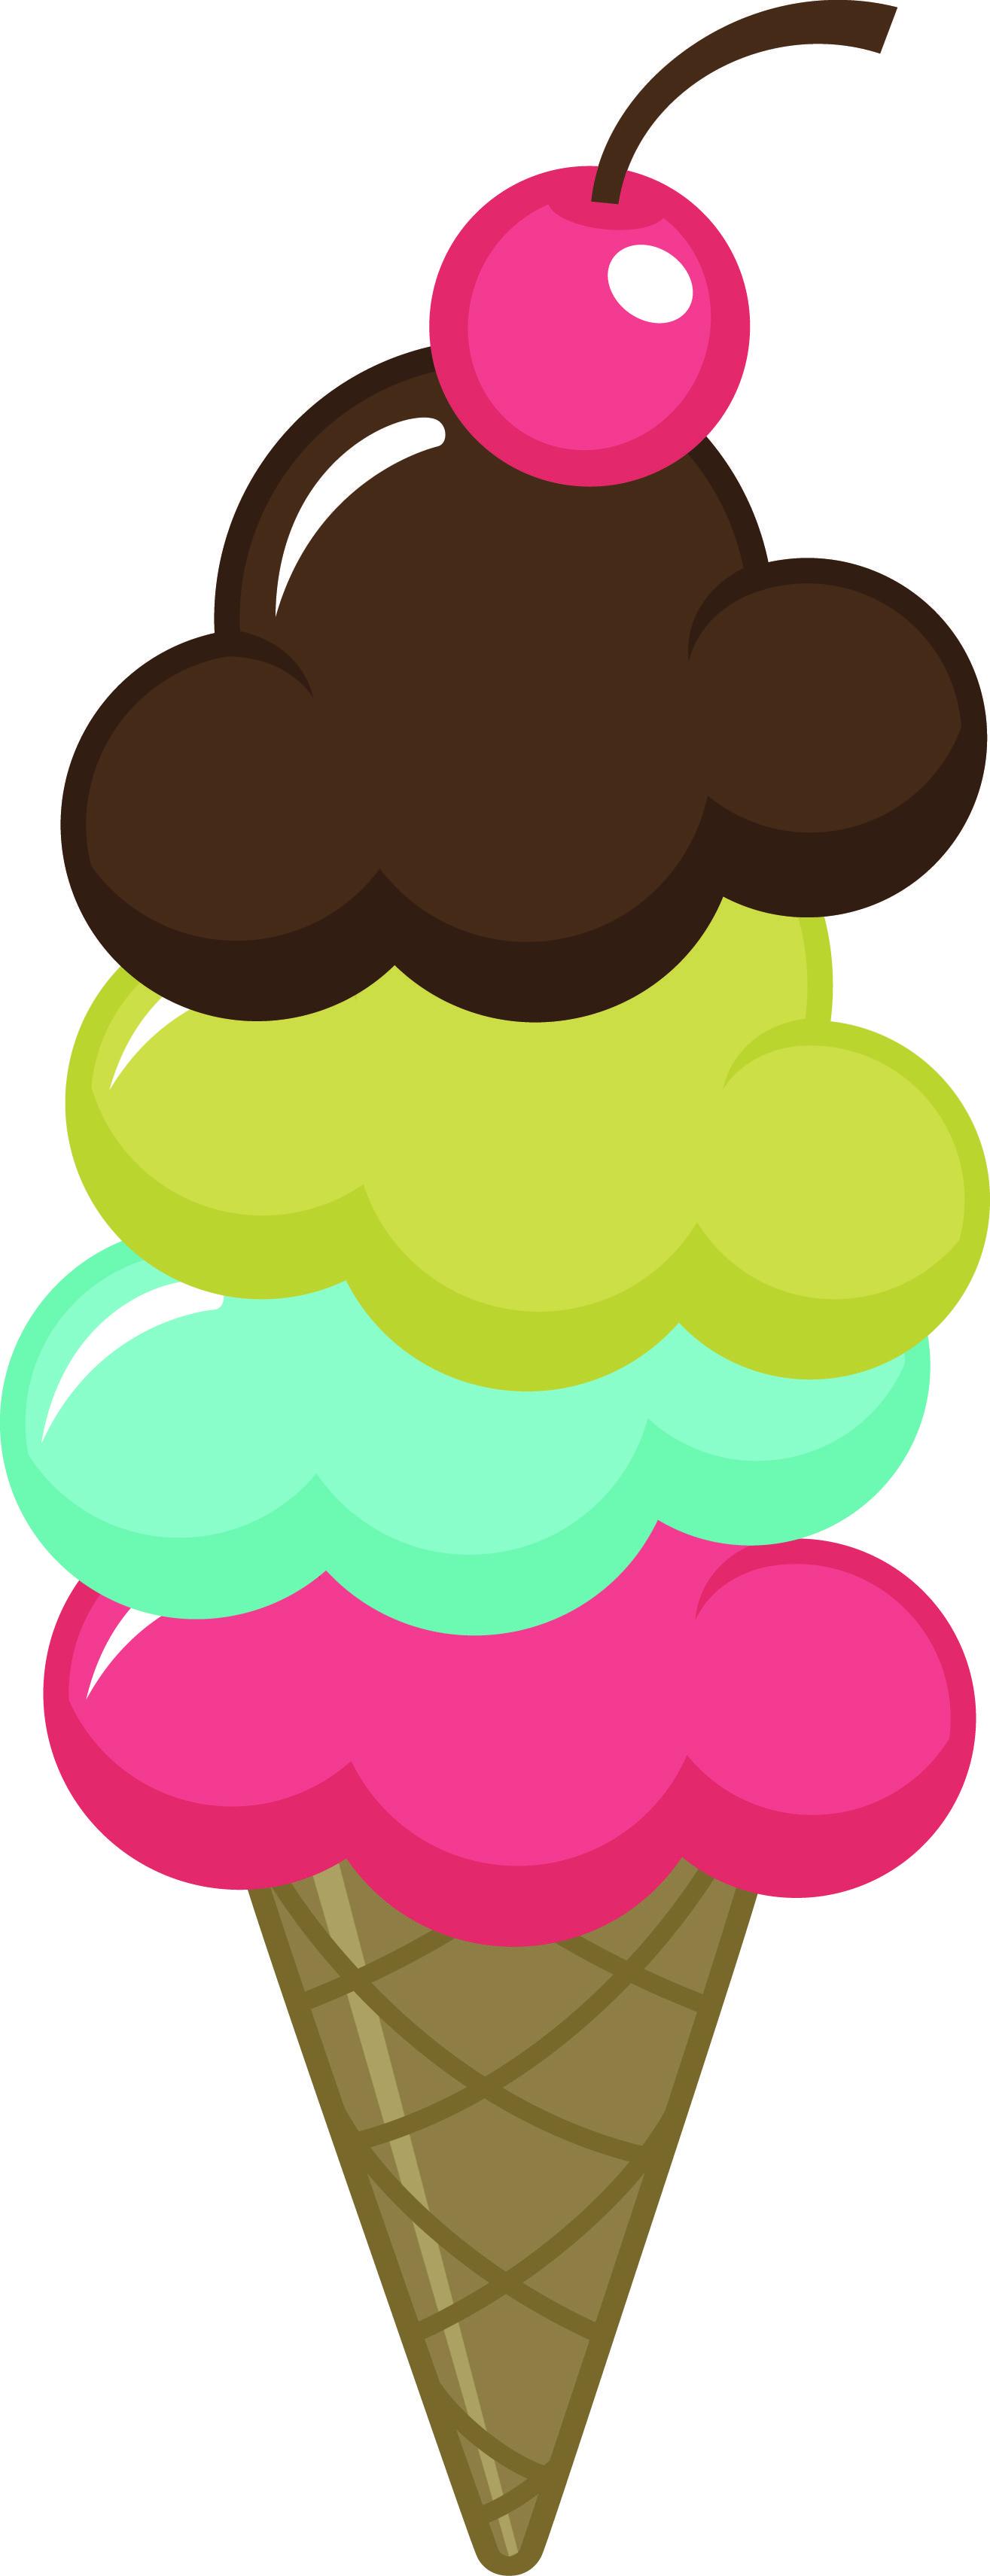 1315x3423 Ice Cream Cone Clip Art